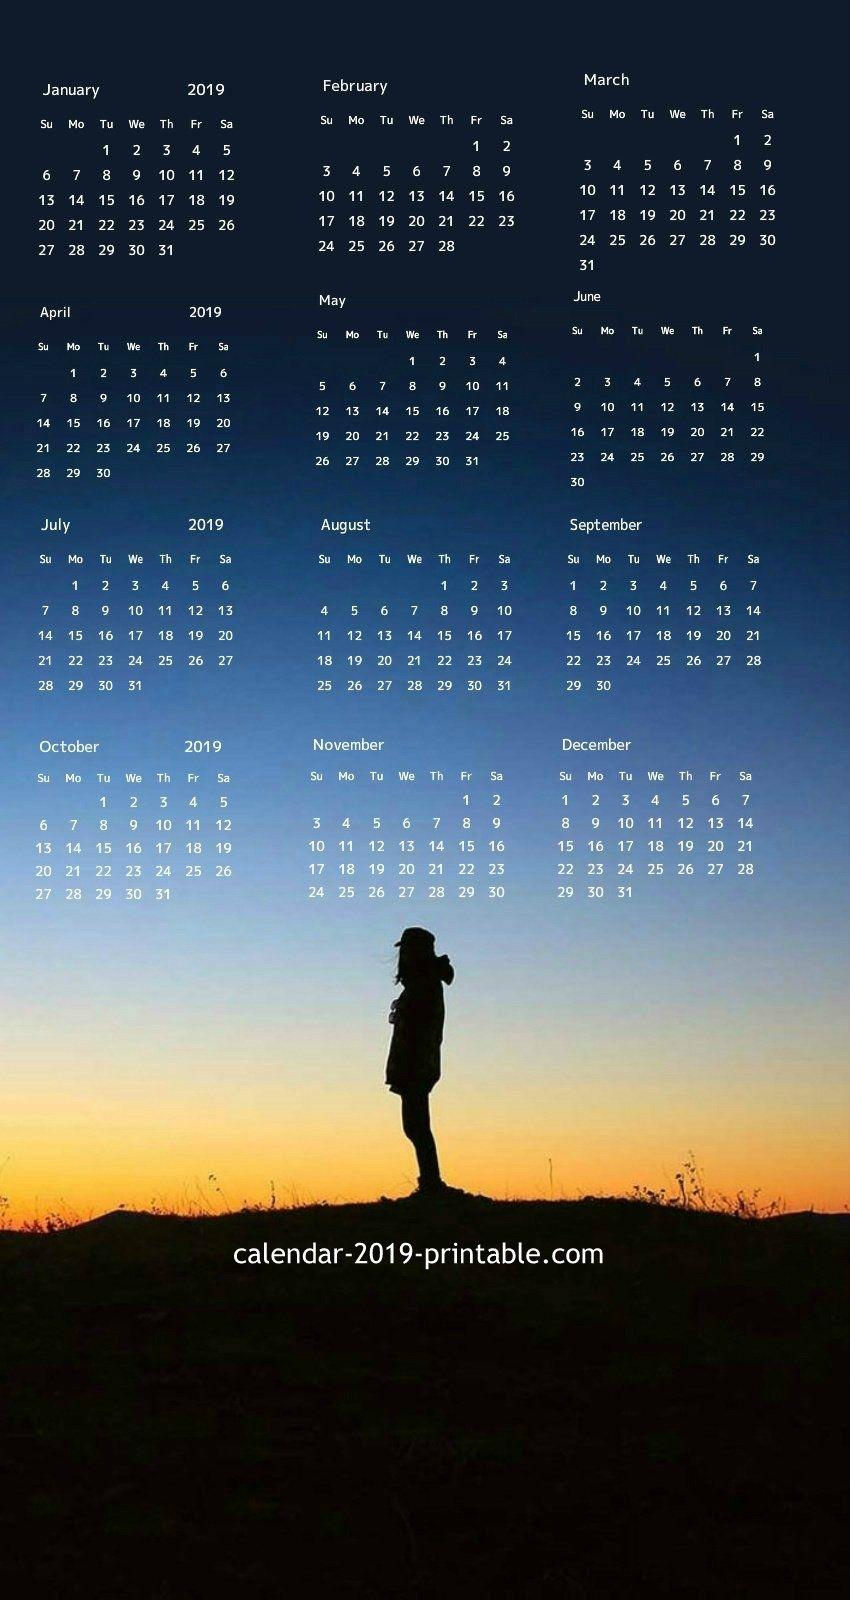 2019 Iphone Calendar Wallpaper In 2019 | Calendar Wallpaper